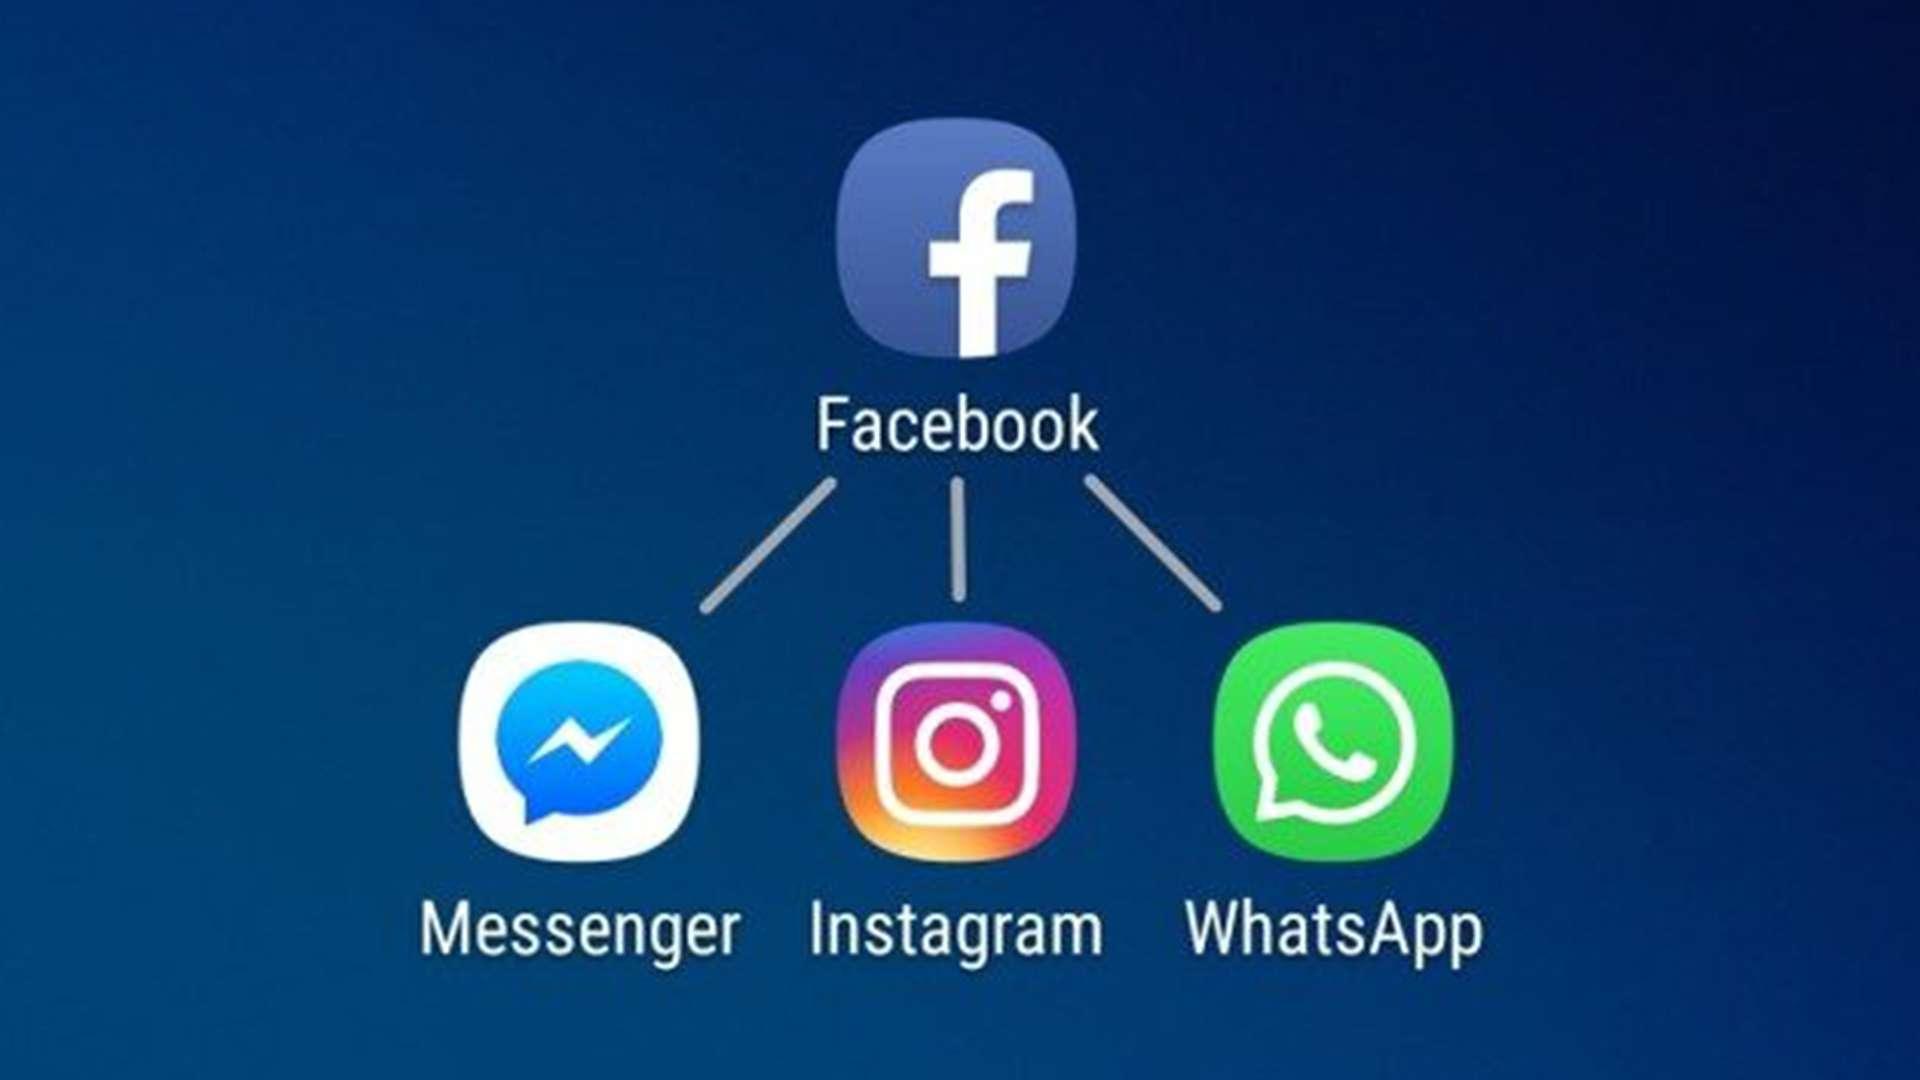 Facebook social media messaging